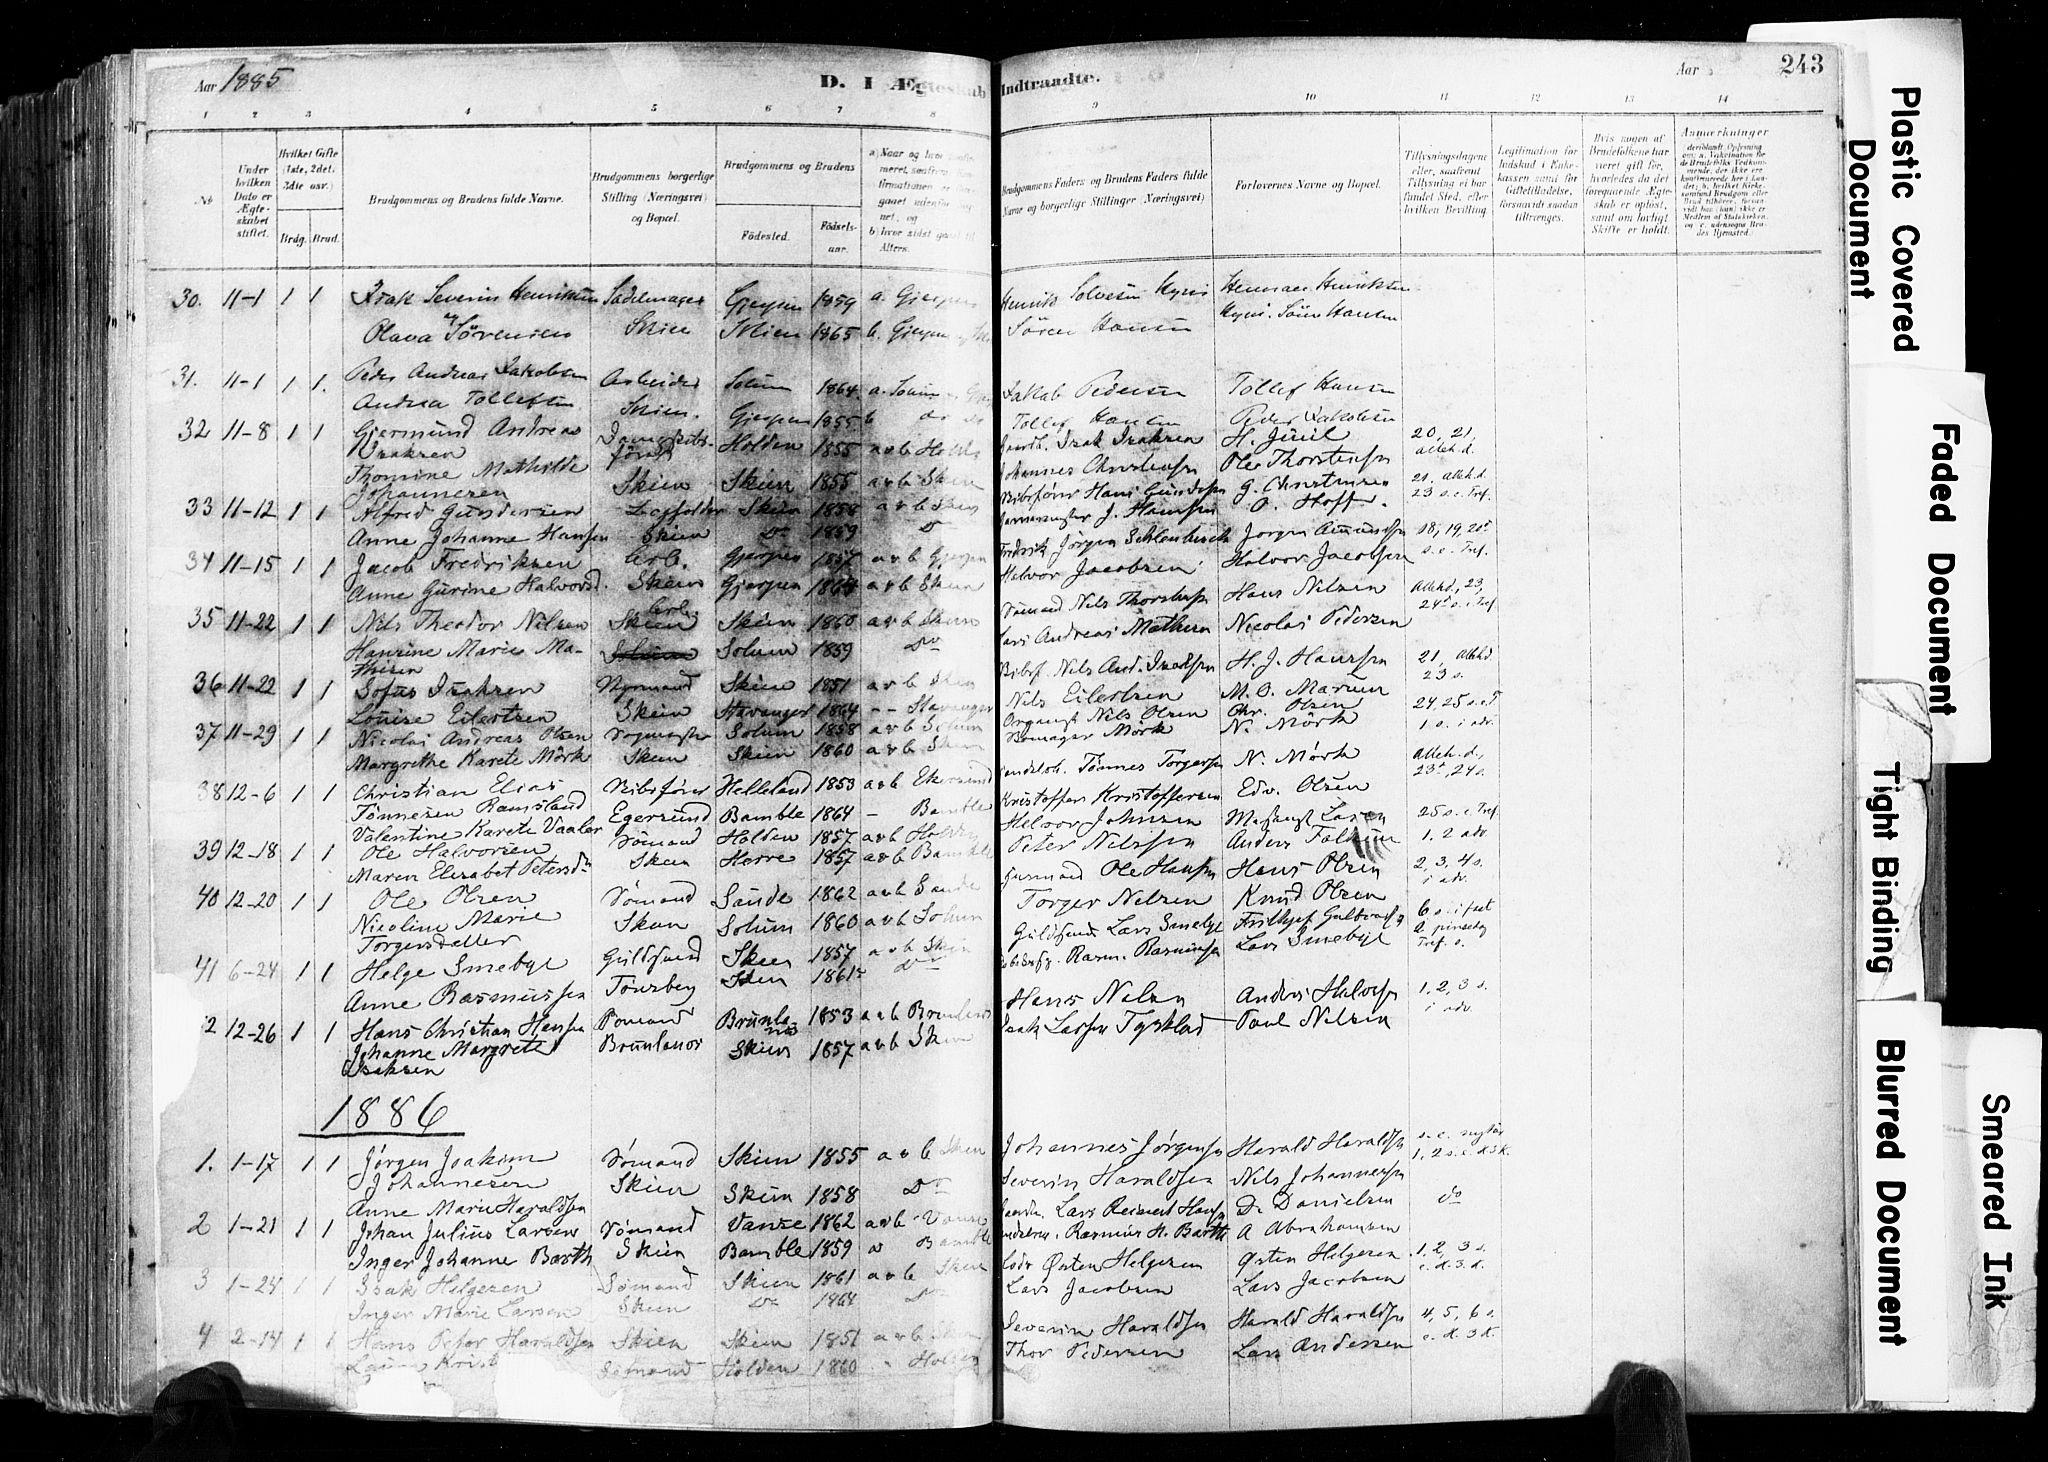 SAKO, Skien kirkebøker, F/Fa/L0009: Ministerialbok nr. 9, 1878-1890, s. 243